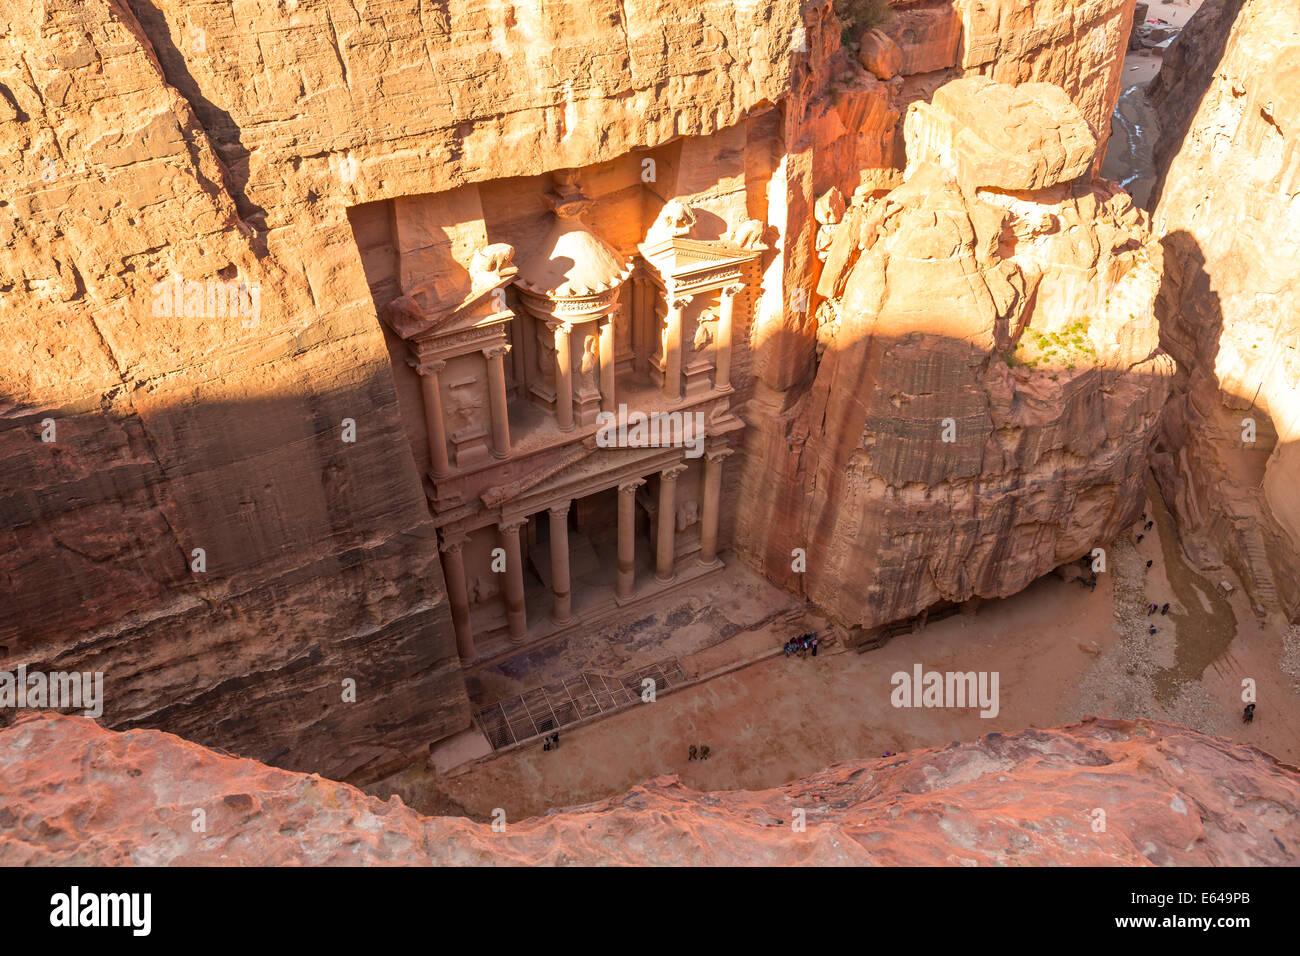 Le Conseil du Trésor, (El khazneh), Petra, Jordanie Photo Stock